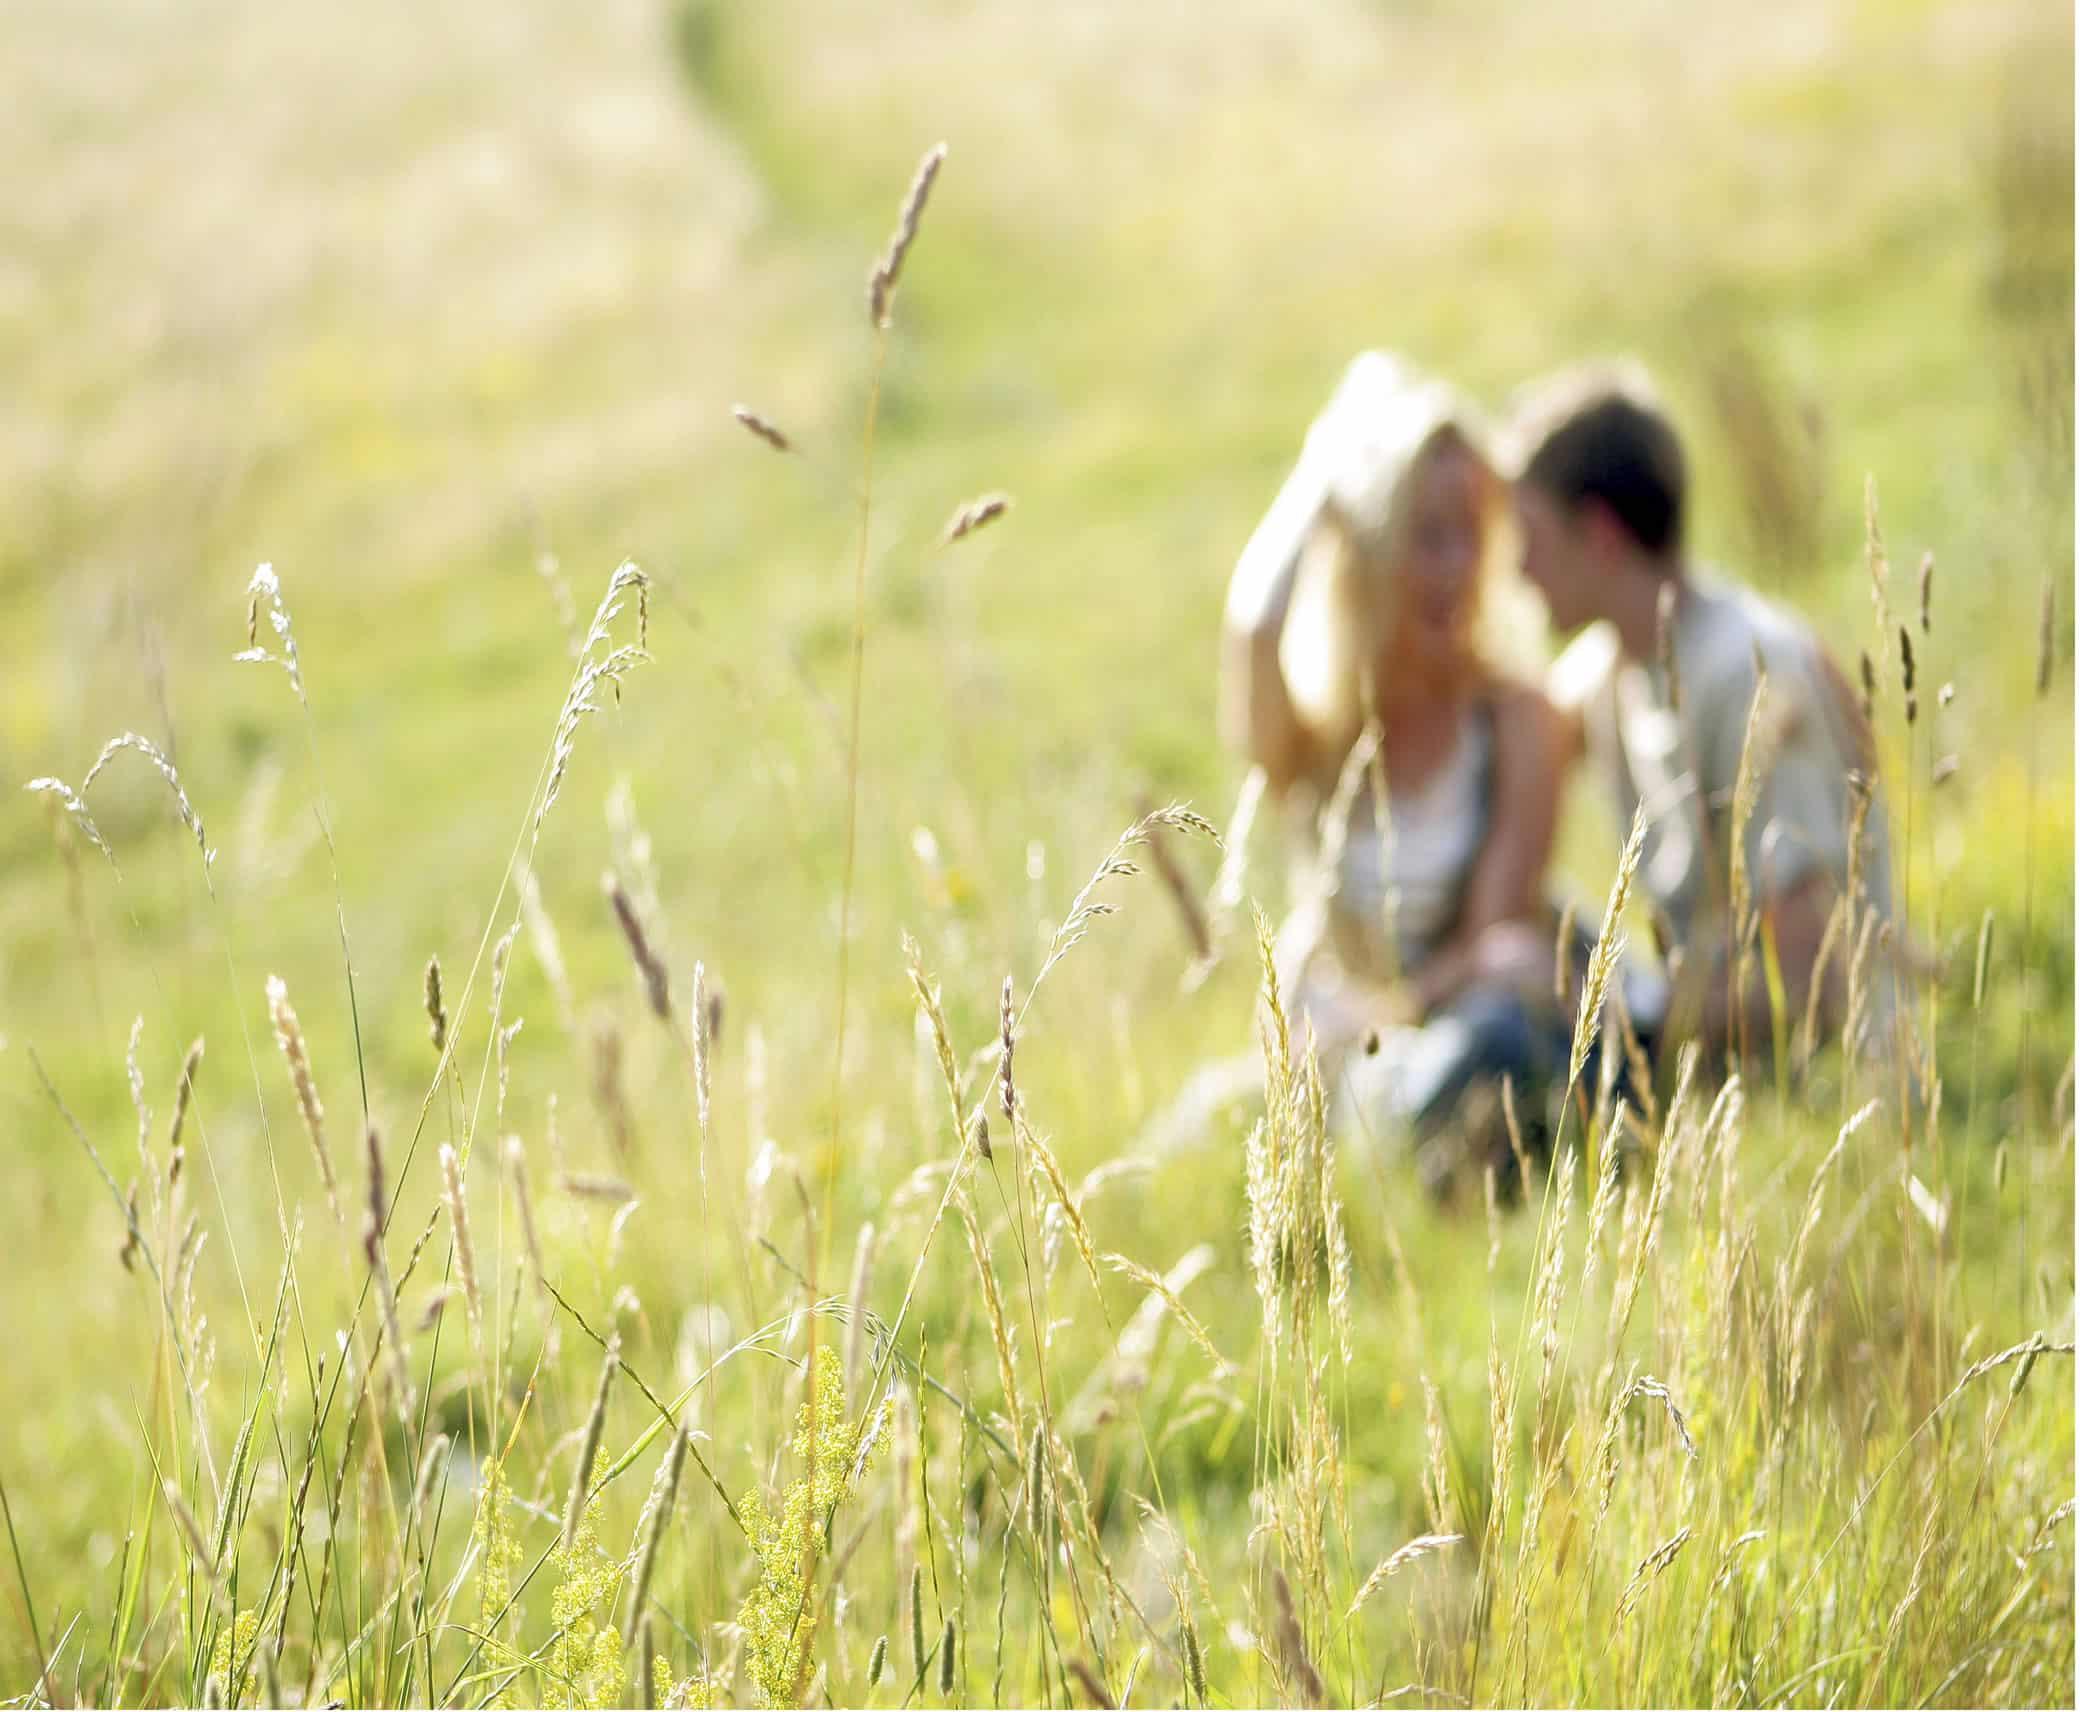 O que seria um relacionamento saudável?